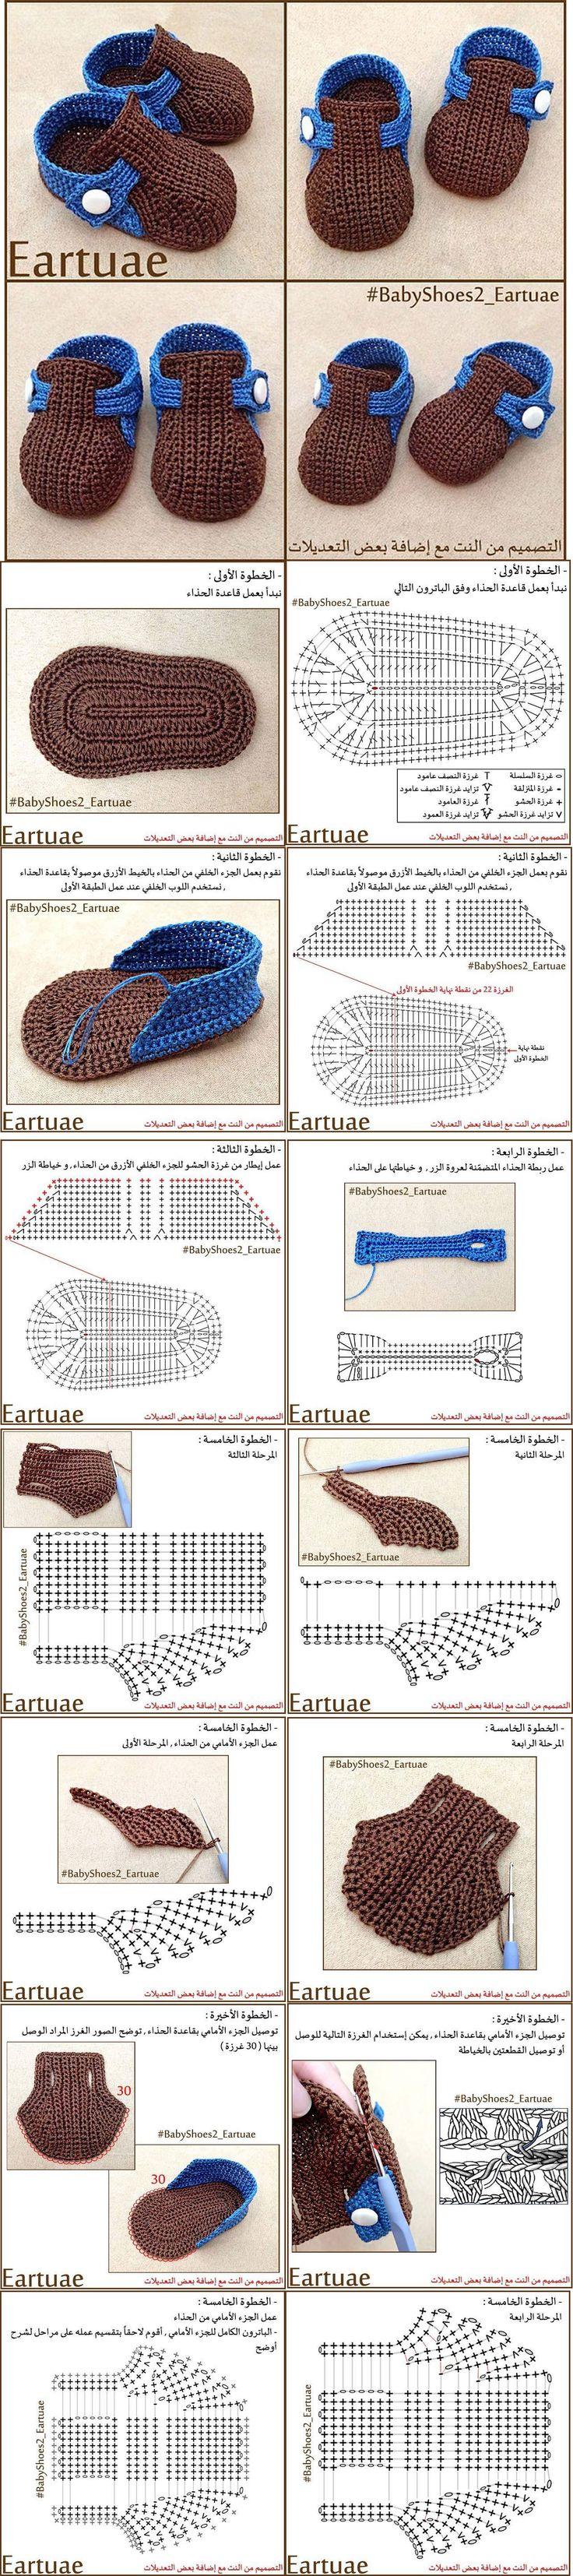 Crochet Booties -Chart